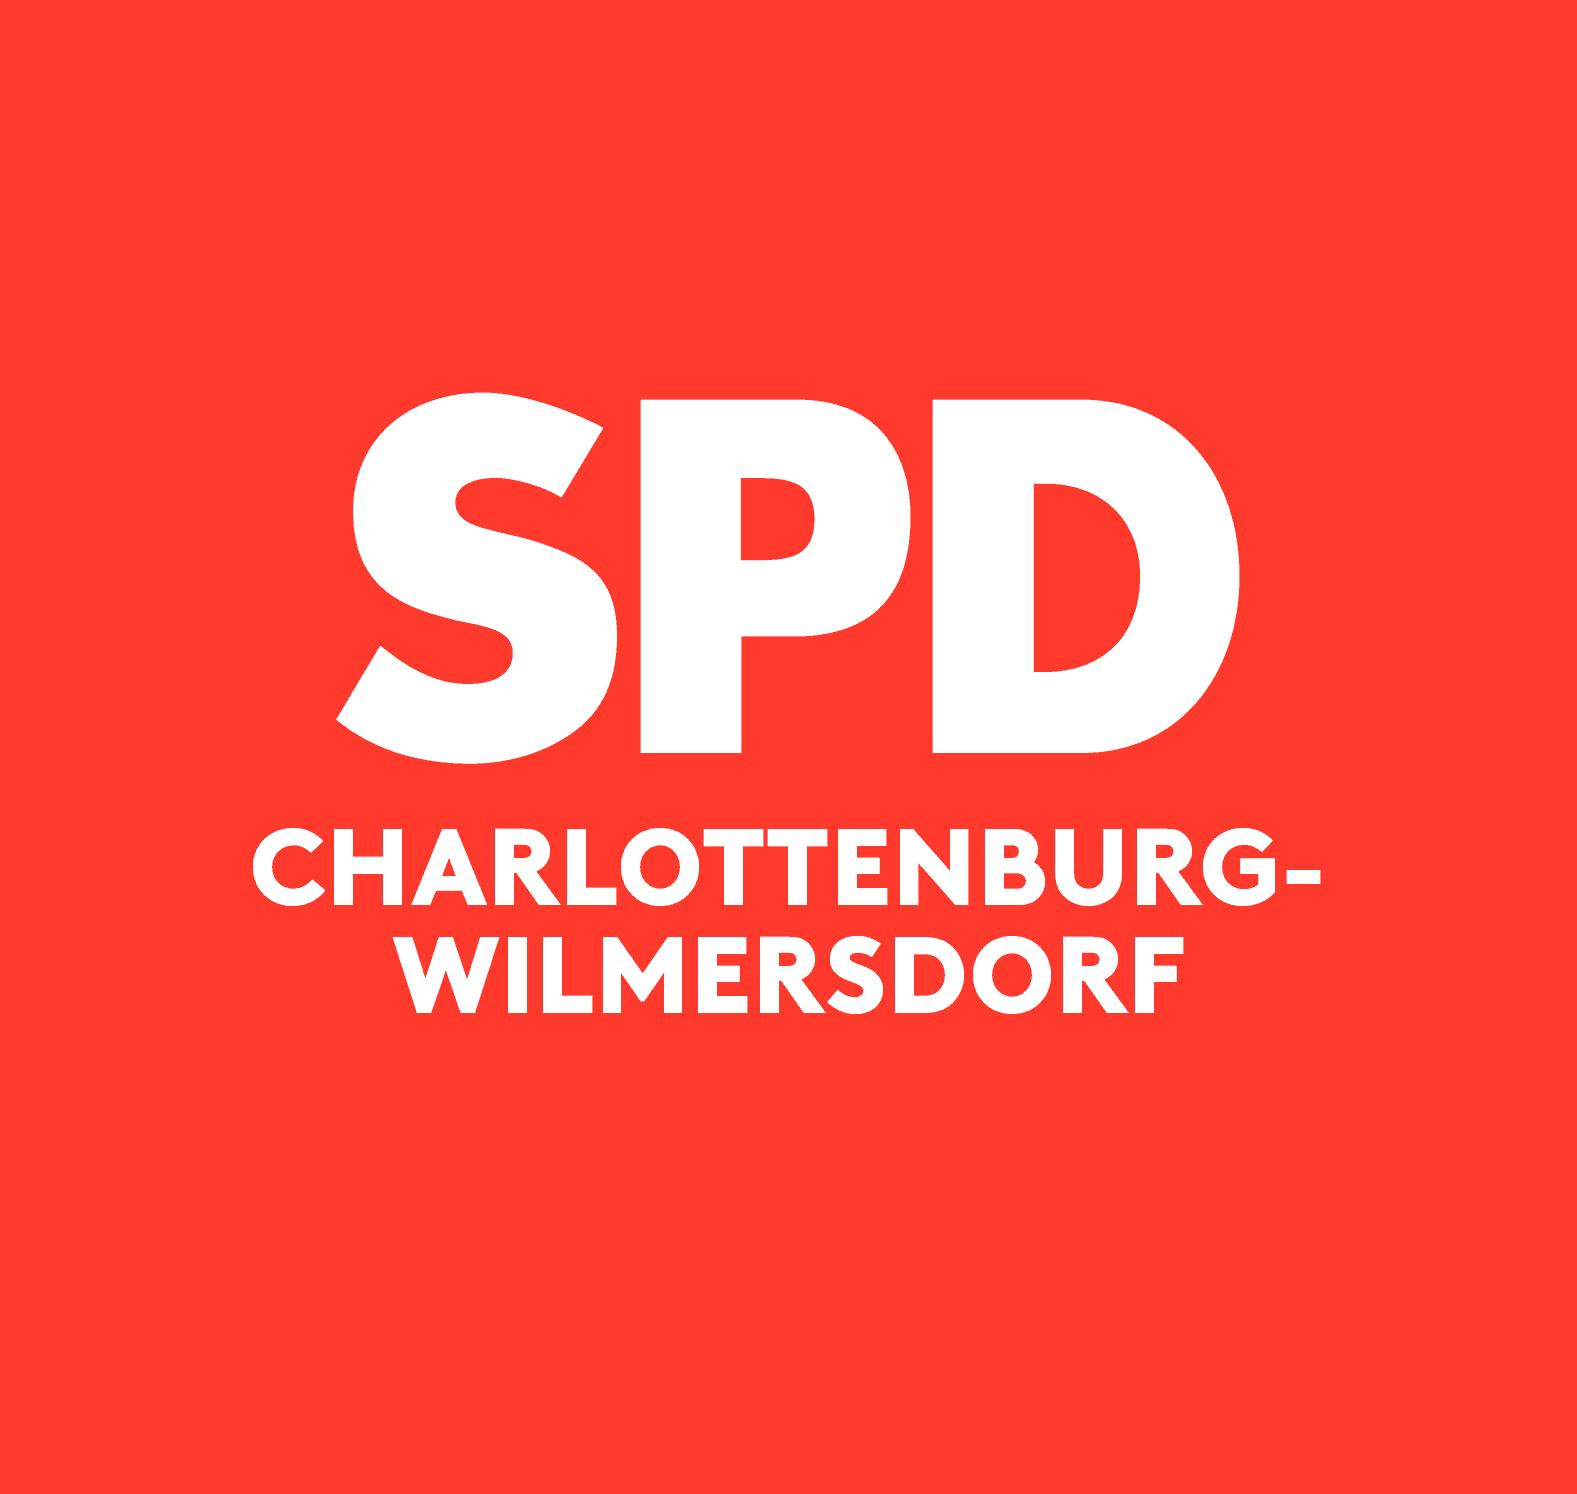 SPD Charlottenburg-Wilmersdorf